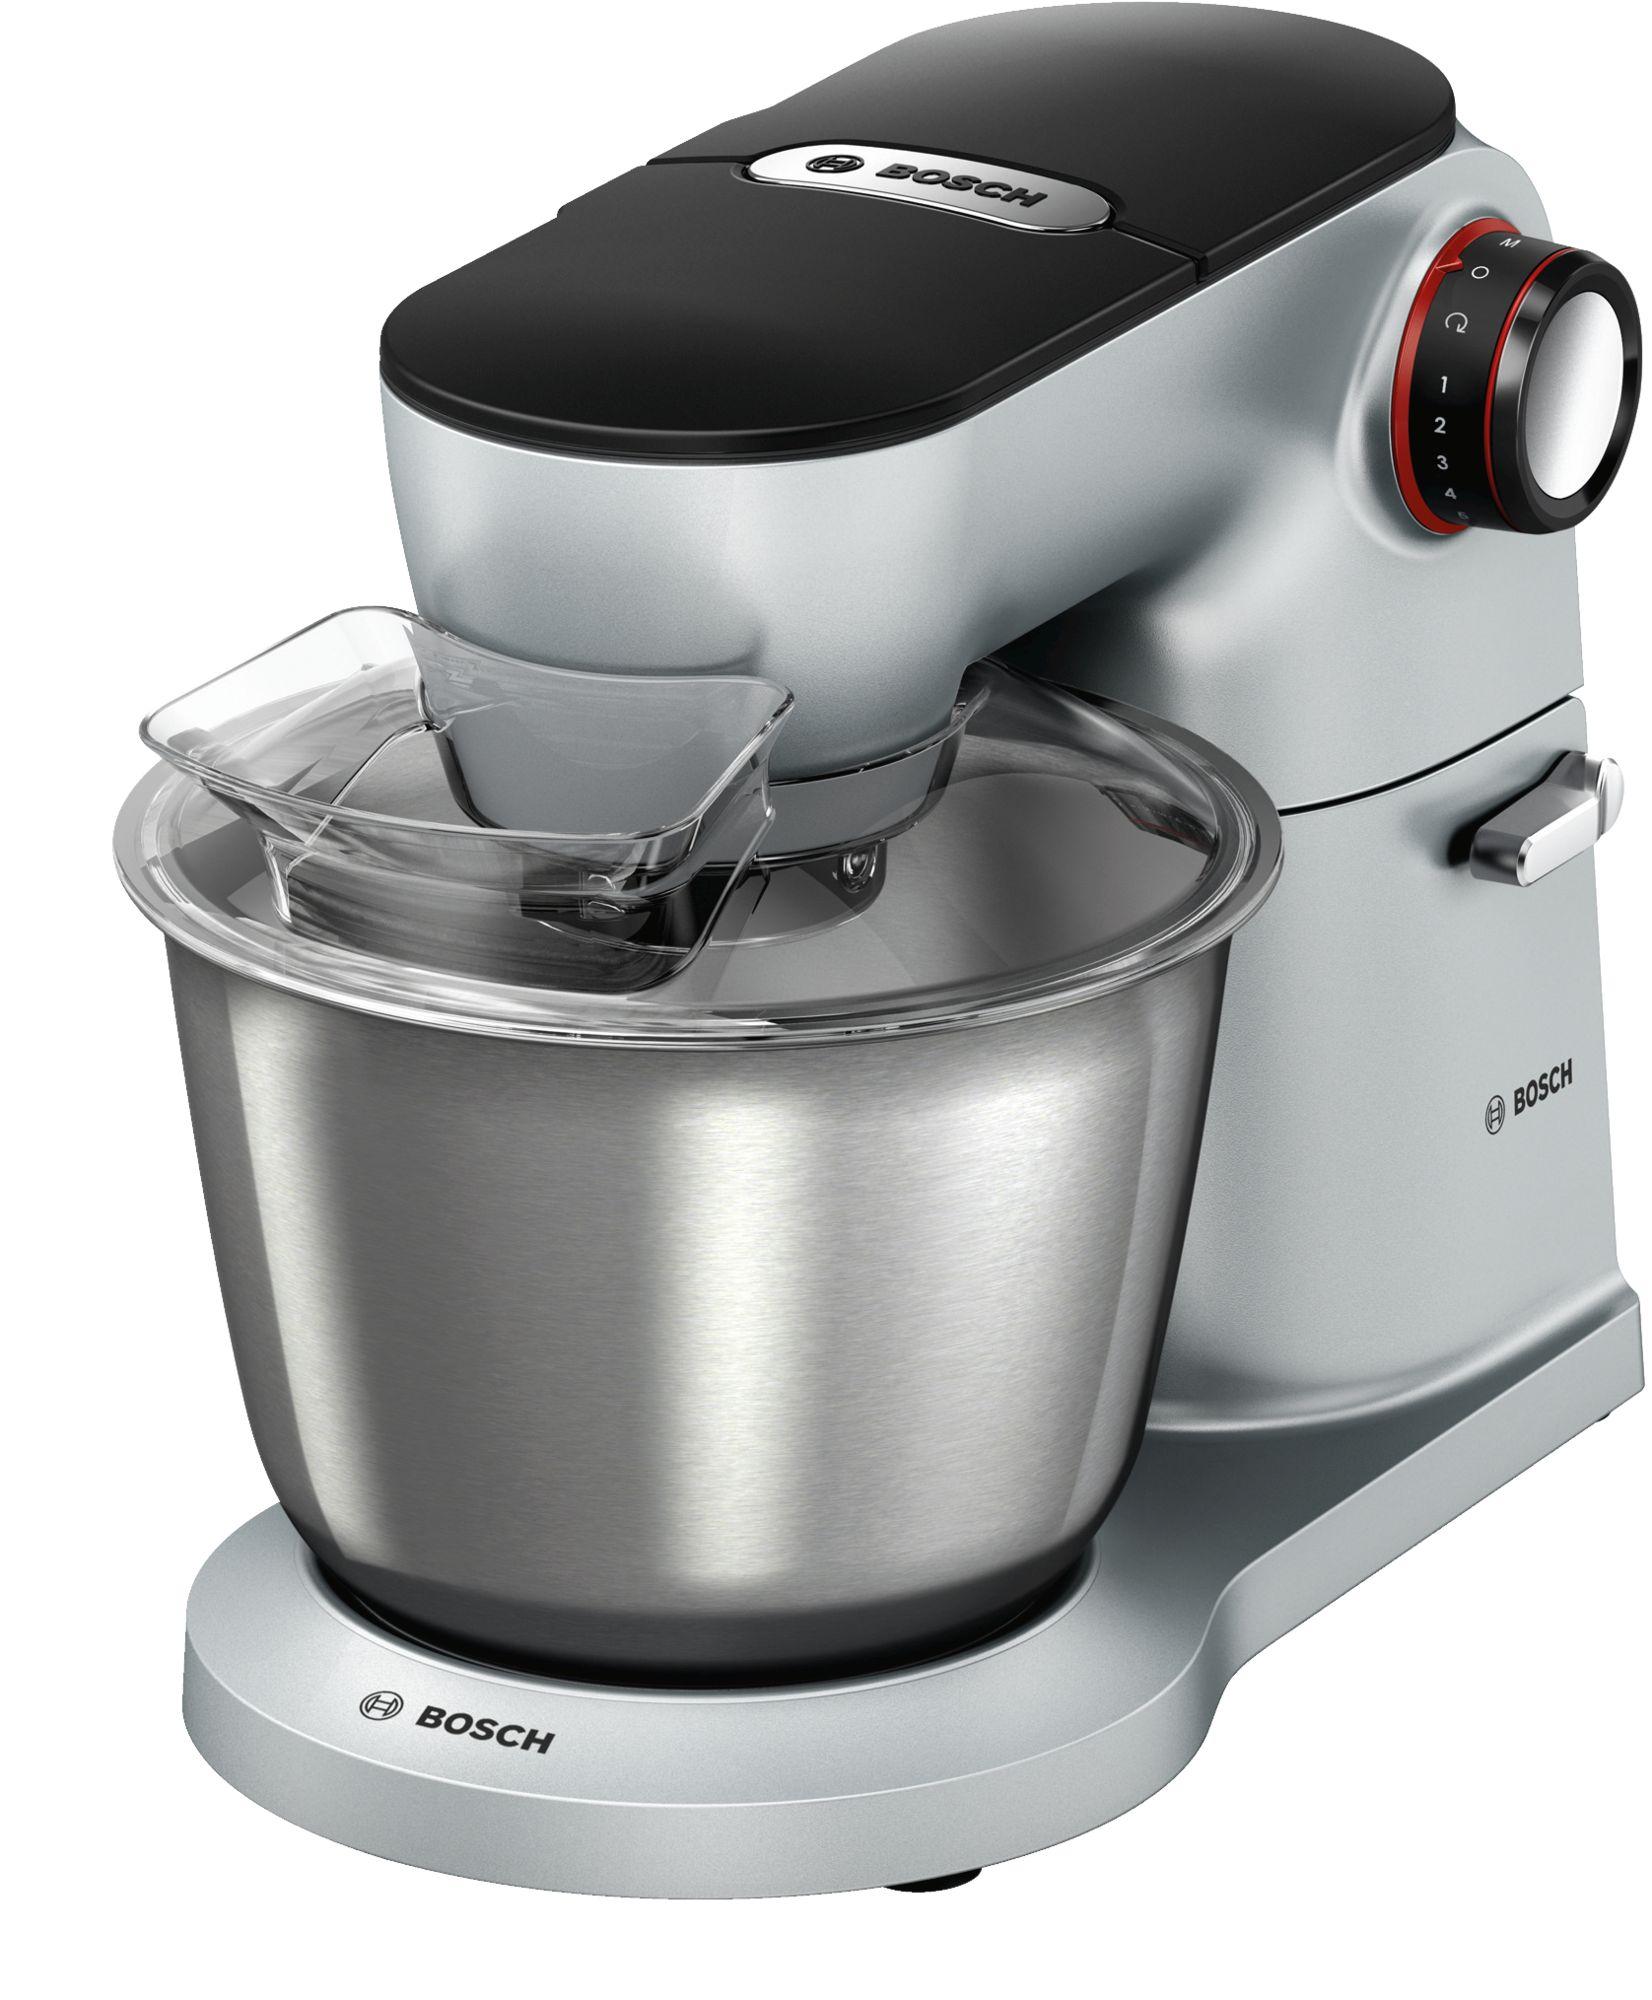 Universal Küchenmaschine Bosch 2021